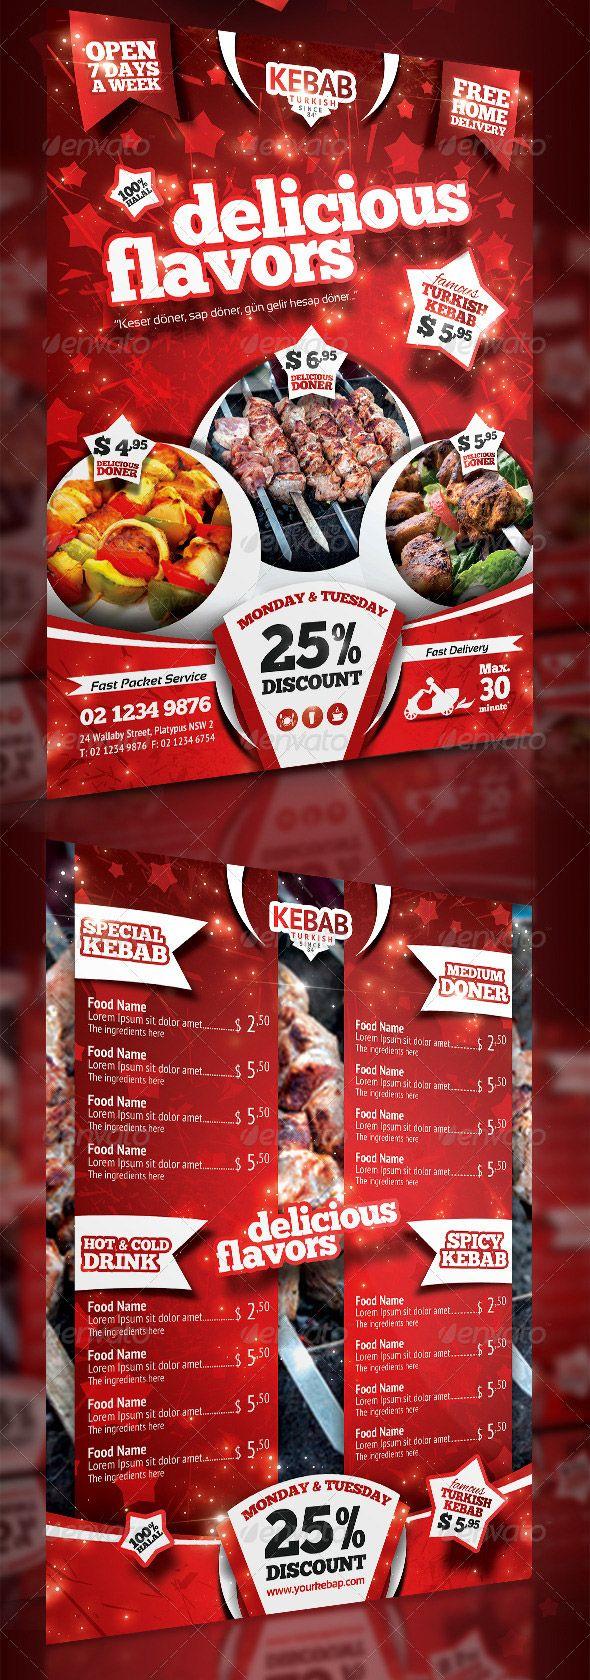 Hamburger Menu Examples And Alternatives Agente In 2020 Hamburger Menu Website Menu Design Web Design